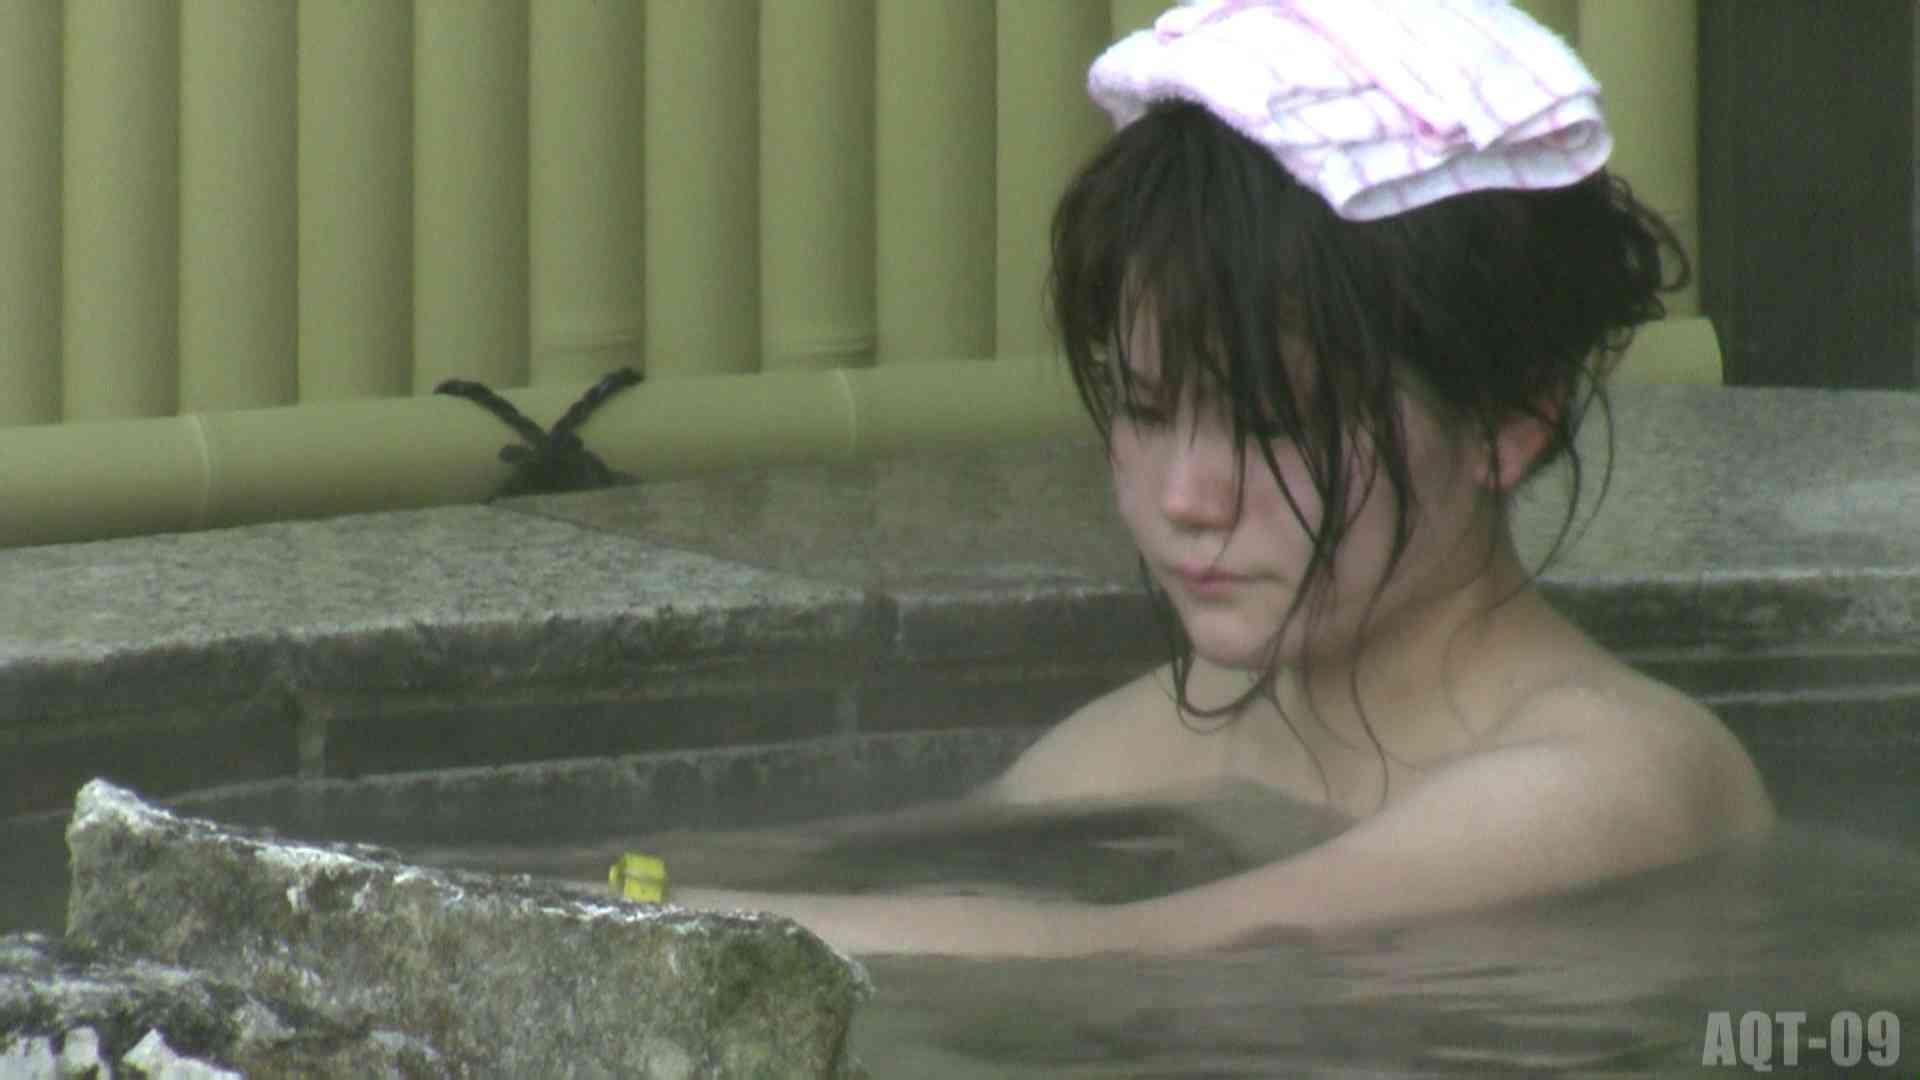 Aquaな露天風呂Vol.789 盗撮シリーズ  96PIX 4